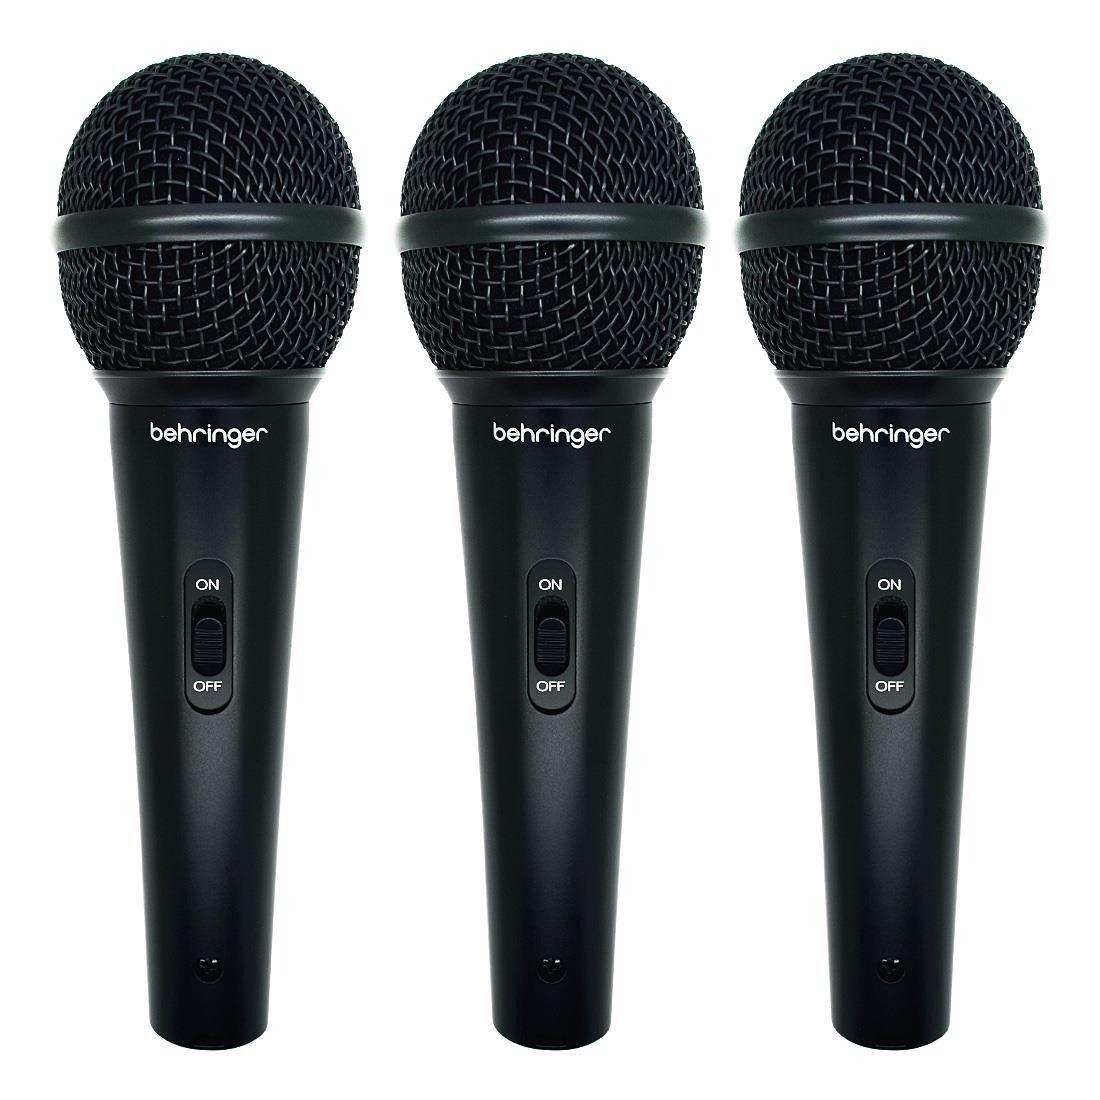 Kit Behringer com 3 Microfones XM-1800S